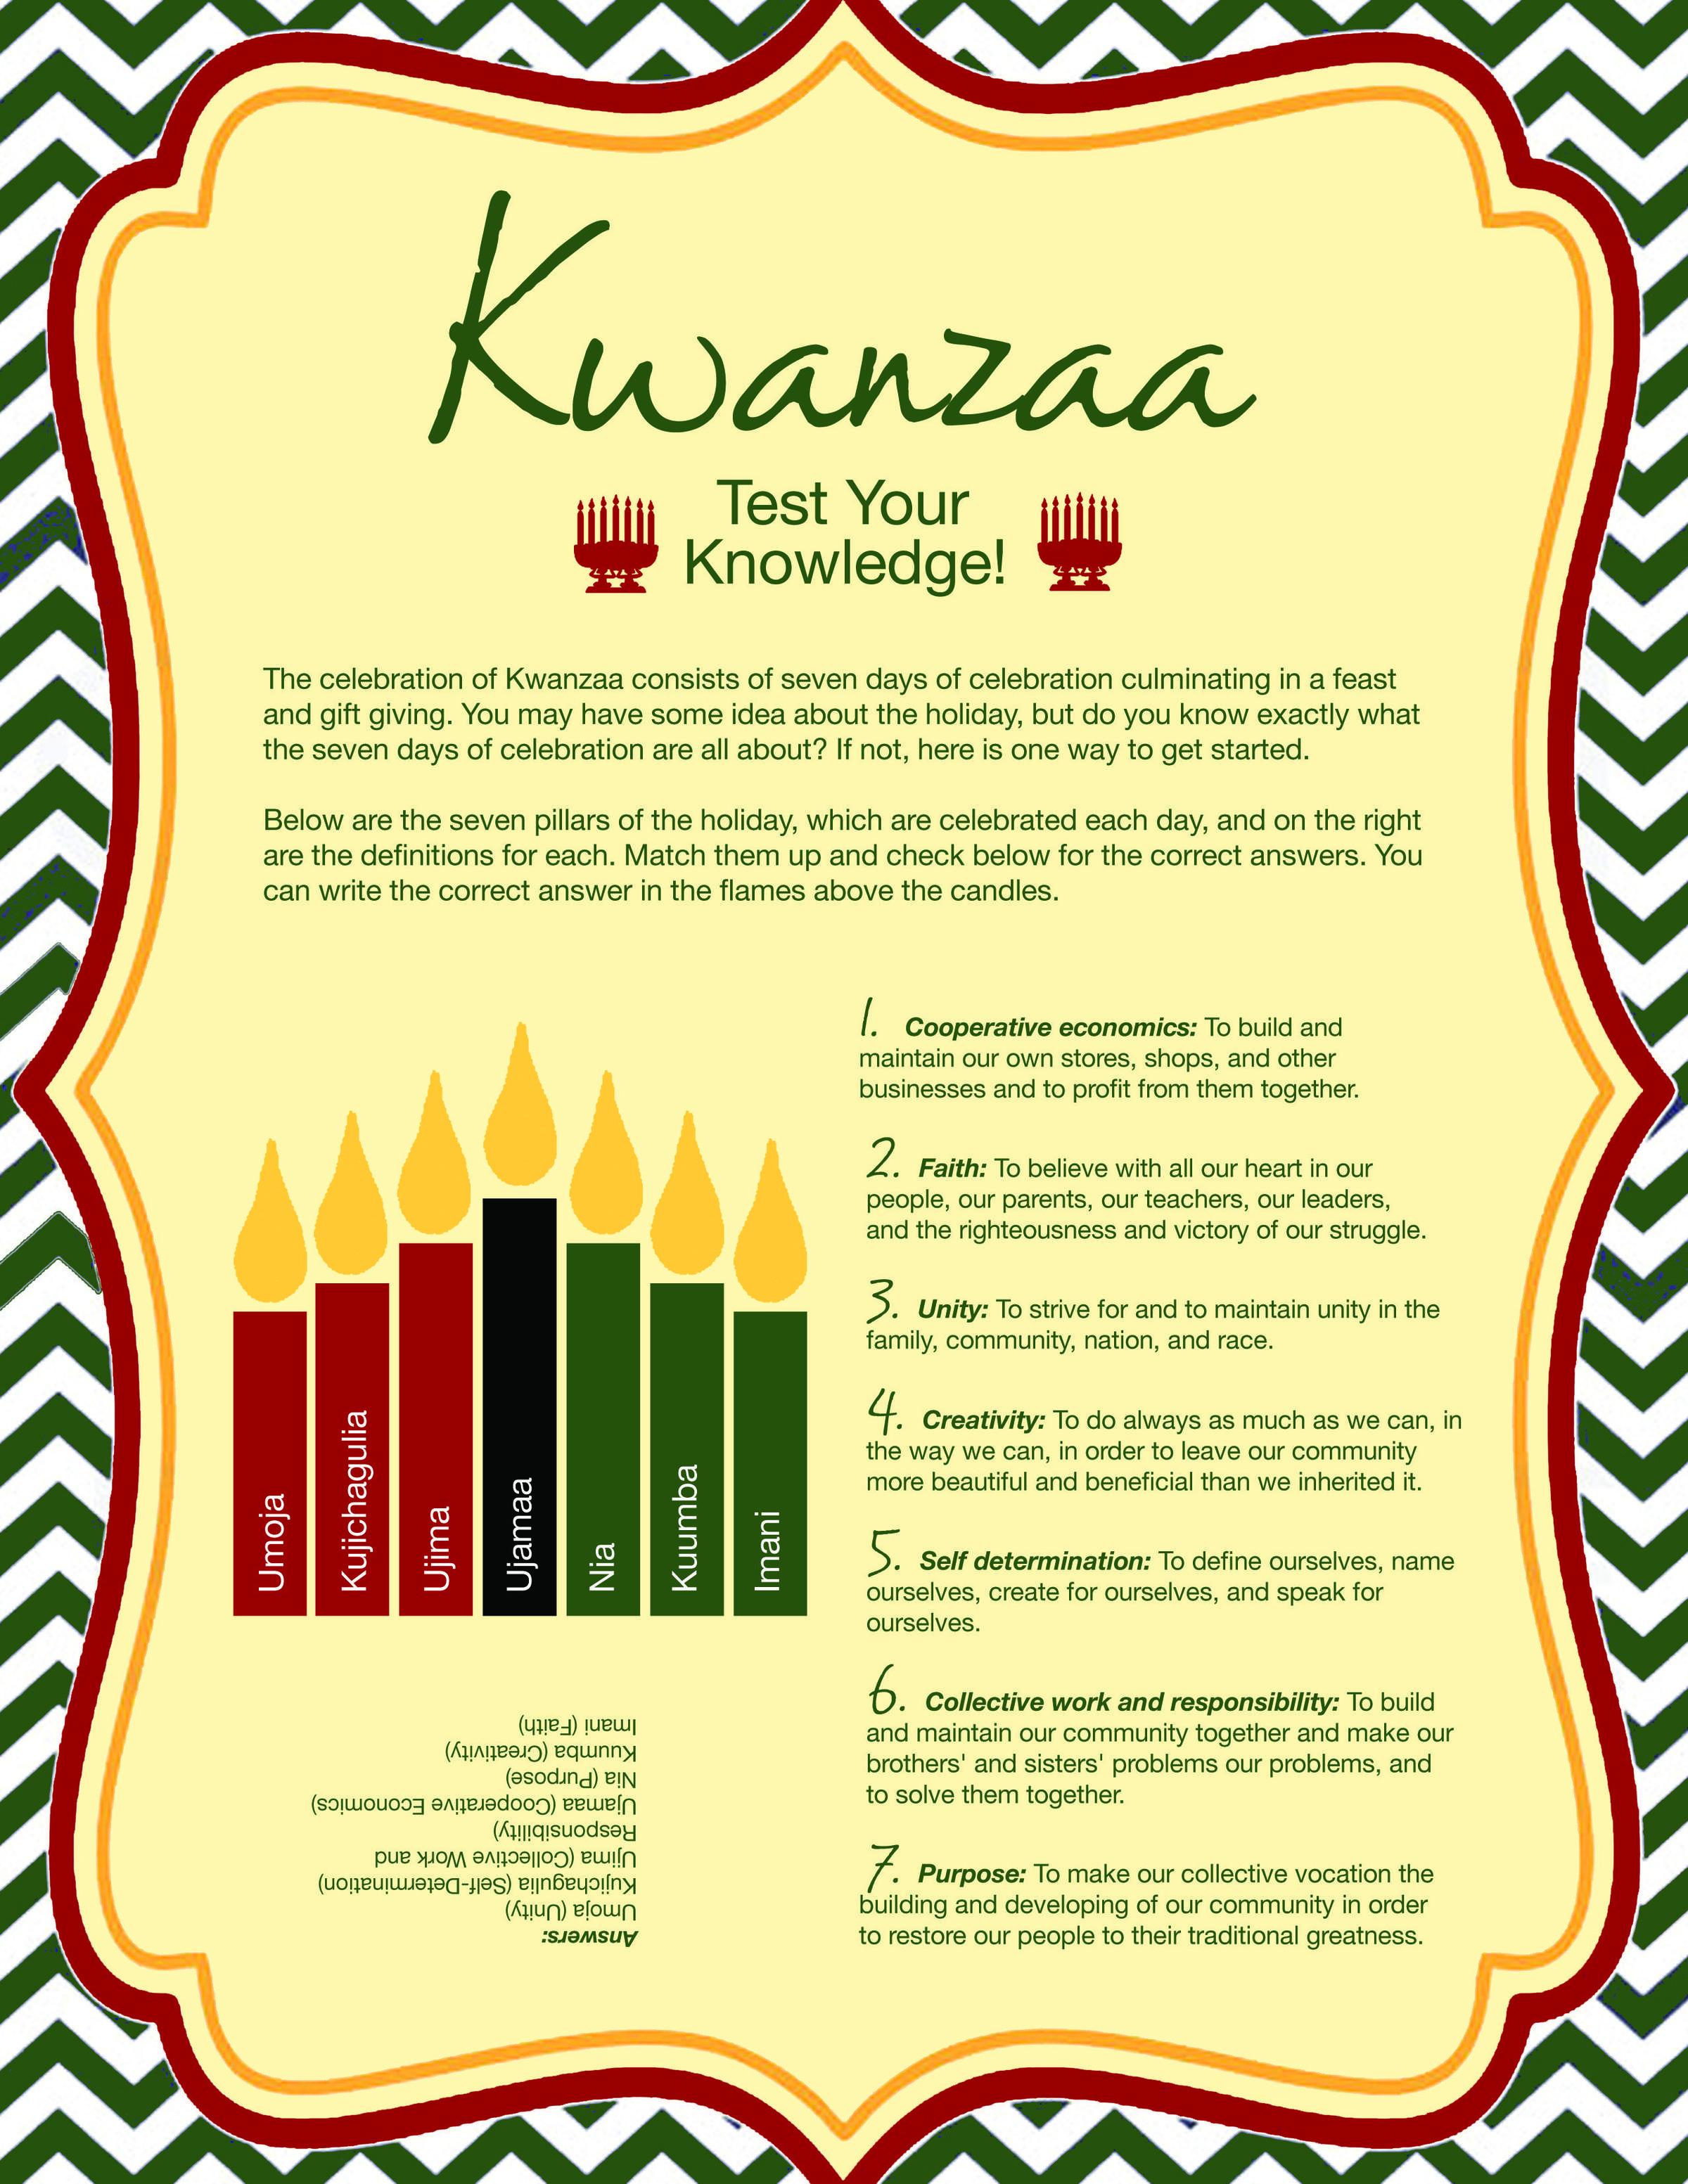 Theater Talk After Kwanzaa Kavinoky S Spamalot